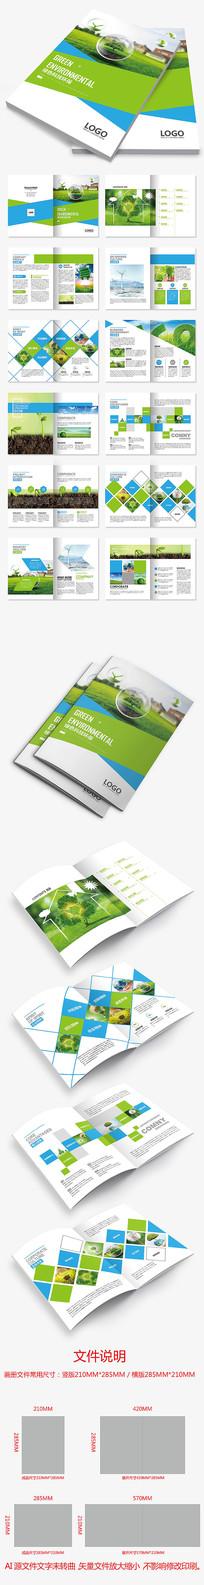 蓝绿色环保科技宣传册能源卫生城市企业画册